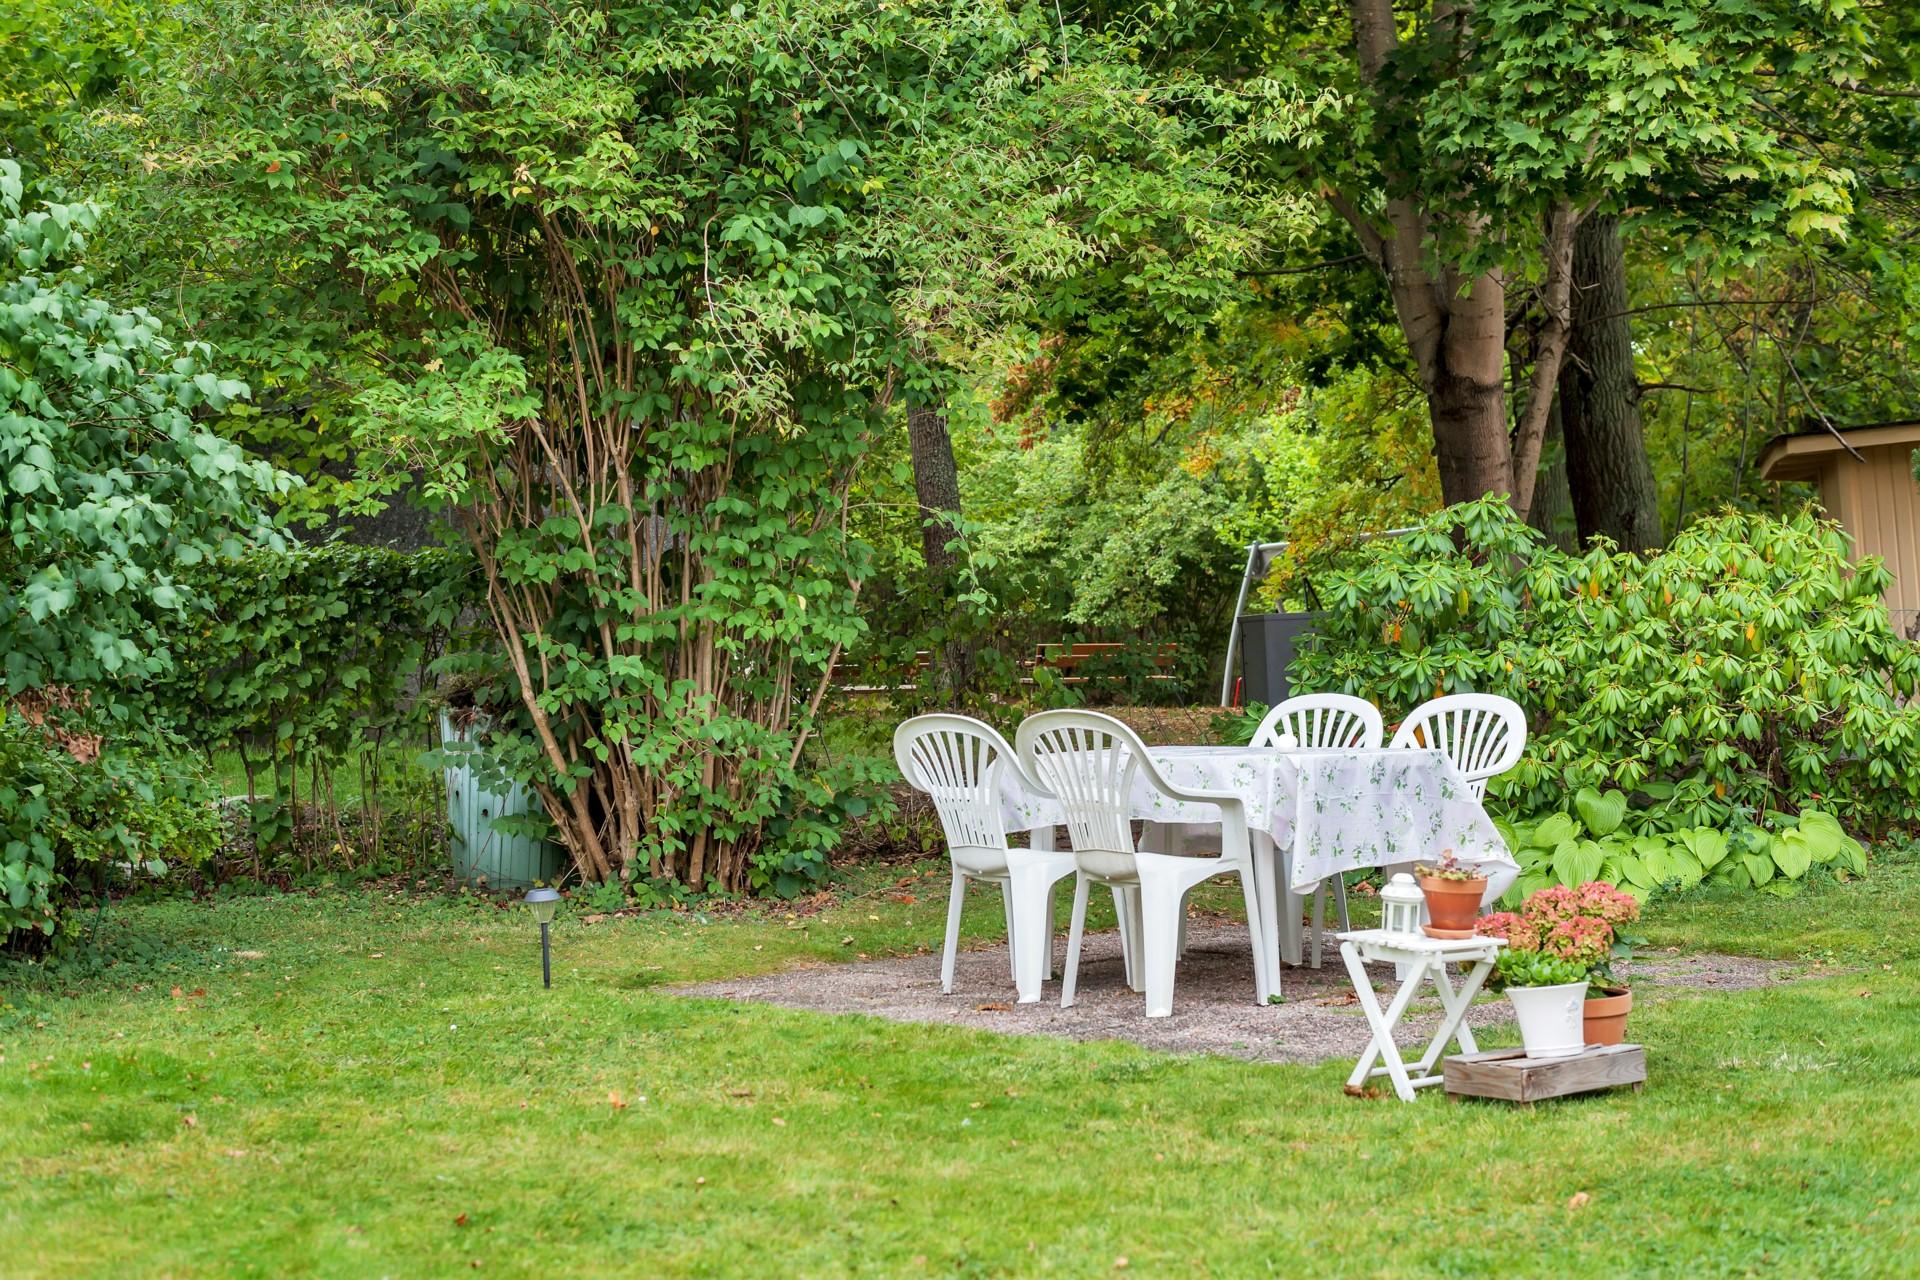 Underbar villaträdgård med utemöbler och frukträd